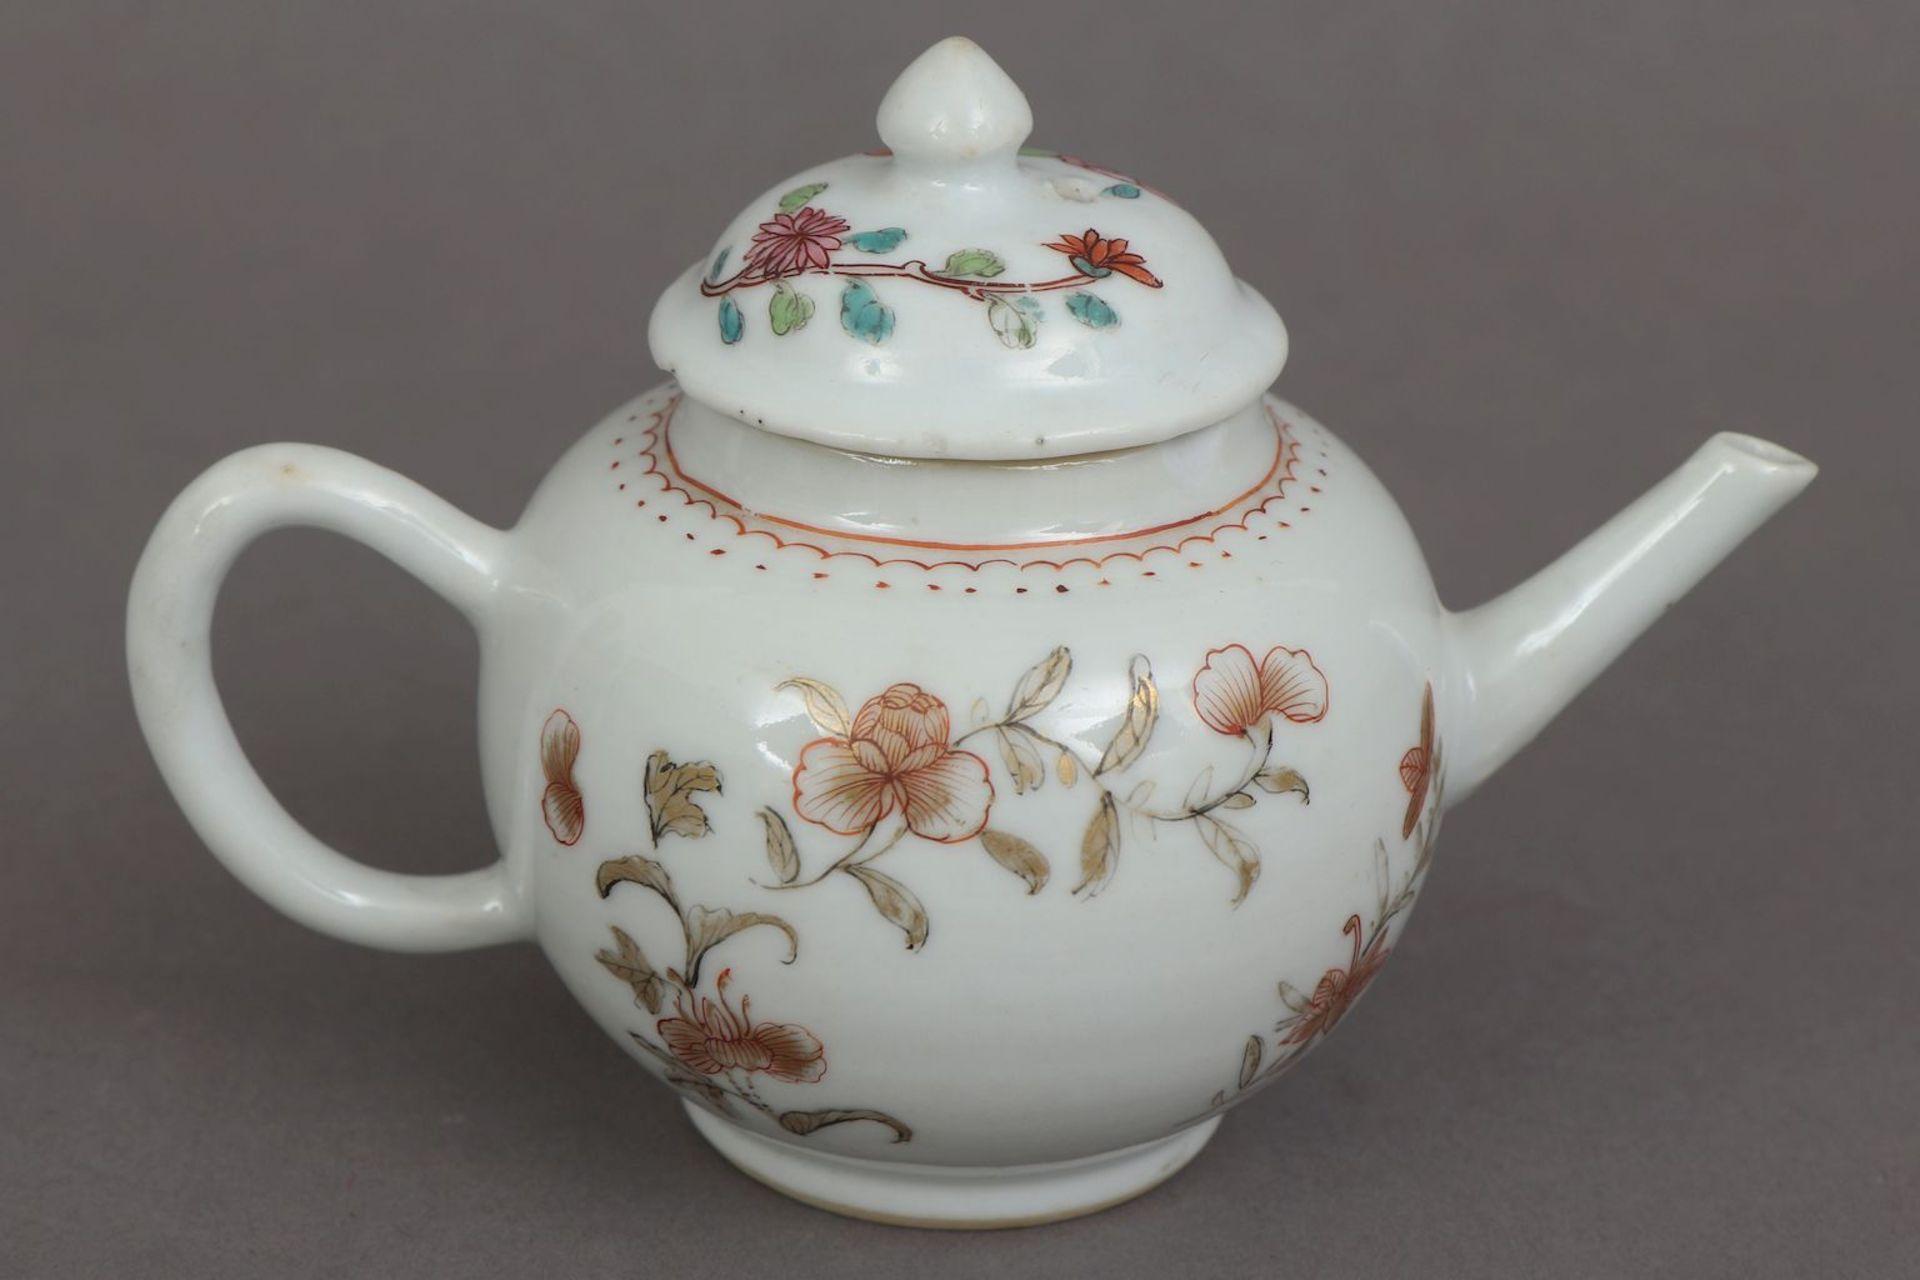 Kleines chinesisches Zeremonial-Teekännchen des 18. Jahrhunderts (Qing Dynastie) - Image 3 of 5